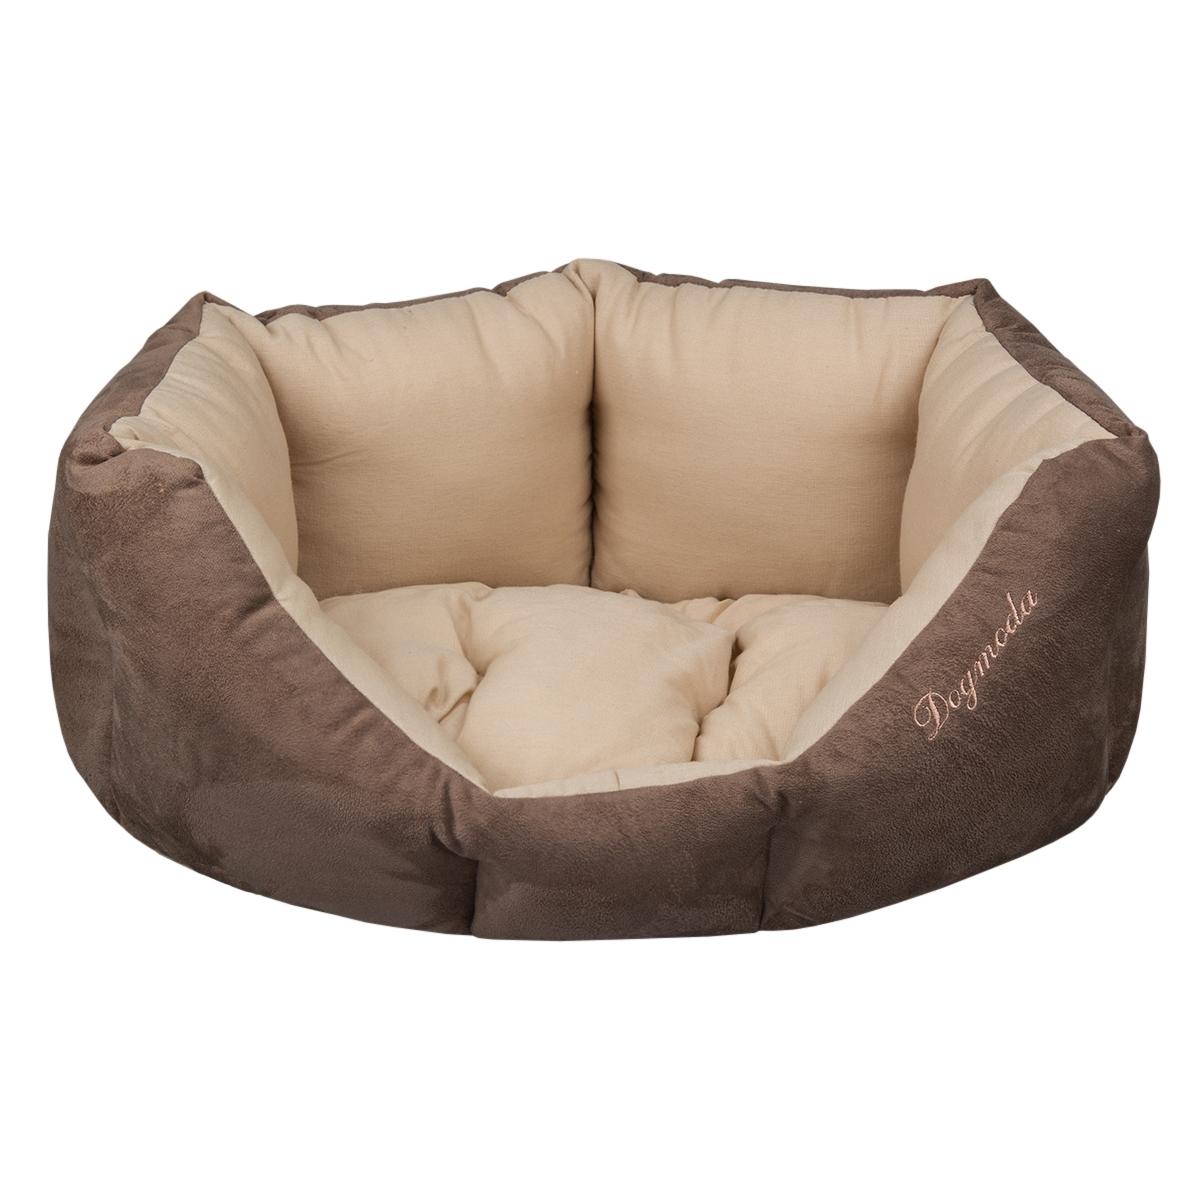 Лежак для животных Dogmoda Капучино, 44 х 52 х 22 смDM-160110Лежак для животных Dogmoda Капучино прекрасно подойдет для отдыха вашего домашнего питомца. Предназначен для кошек и собак мелких и средних пород. Изделие выполнено из искусственной замши и хлопка. Внутри - мягкий наполнитель из холлофайбера, который обеспечивает комфорт и уют. Лежак снабжен съемной подушкой. Комфортный и уютный лежак обязательно понравится вашему питомцу, животное сможет там отдохнуть и выспаться. Высокий уровень комфорта, спокойный благородный цвет и мягкость искусственной замши сделают этот лежак любимым местом отдыха вашего питомца.